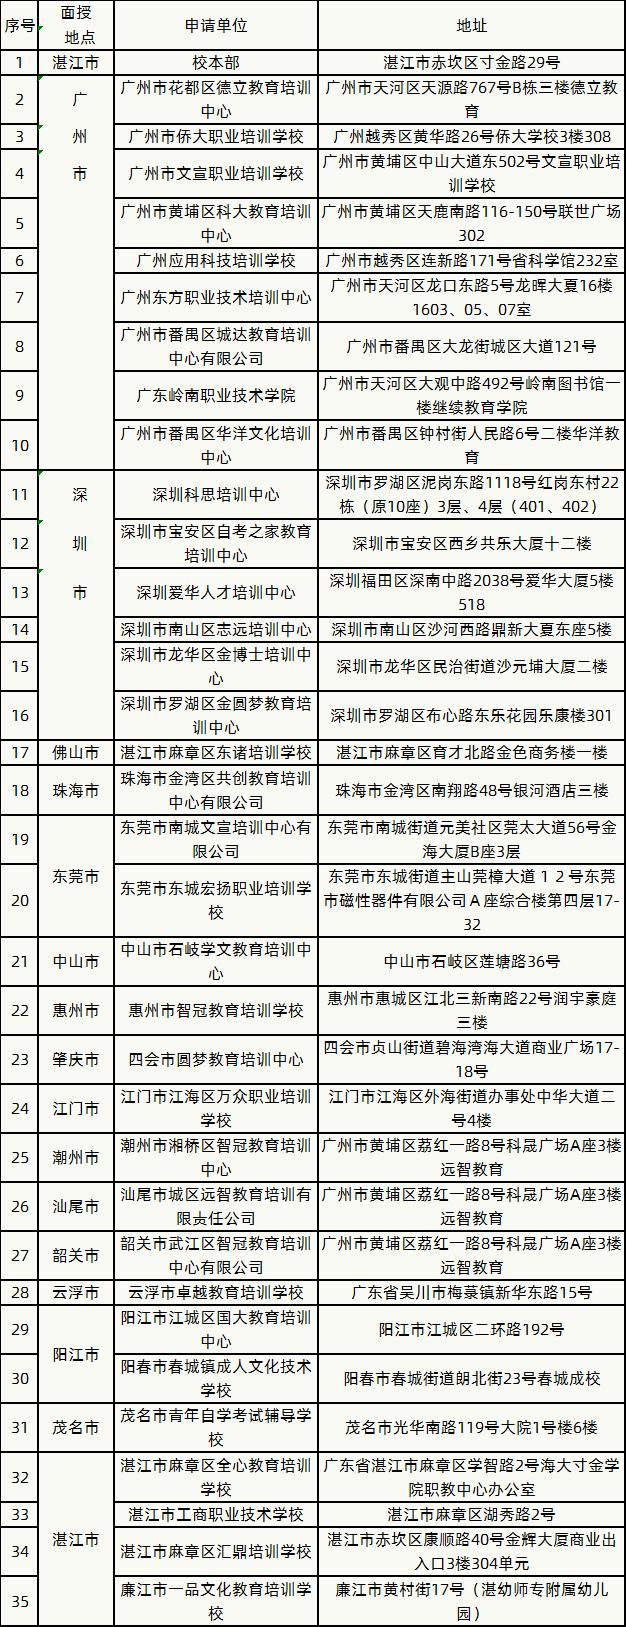 2020年(2021级)岭南师范学院成人高考招生简章